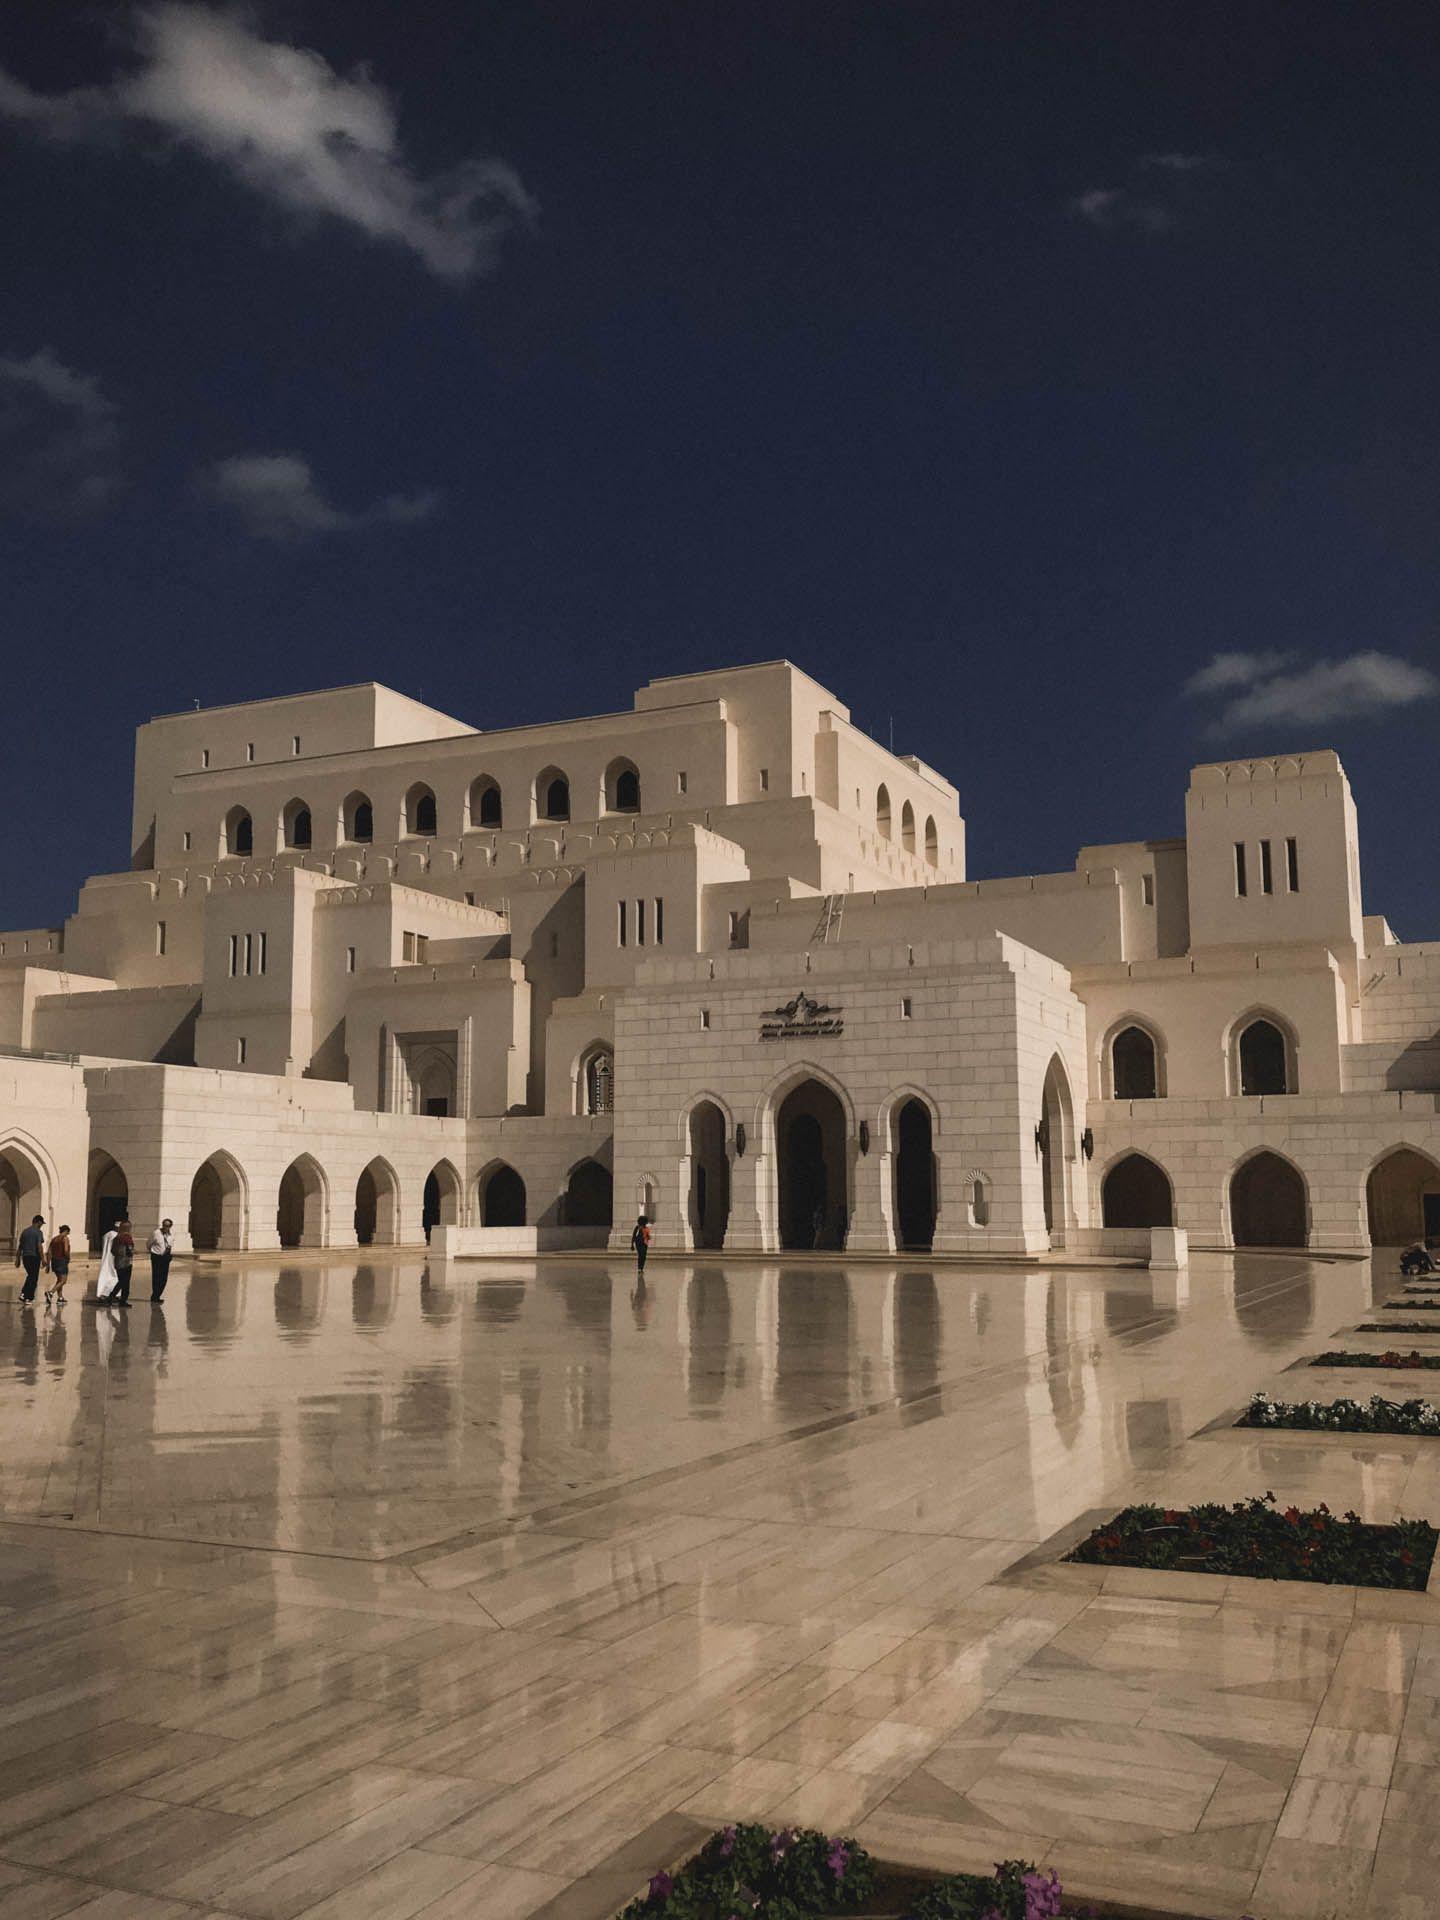 جاذبه های گردشگری مسقط عمان